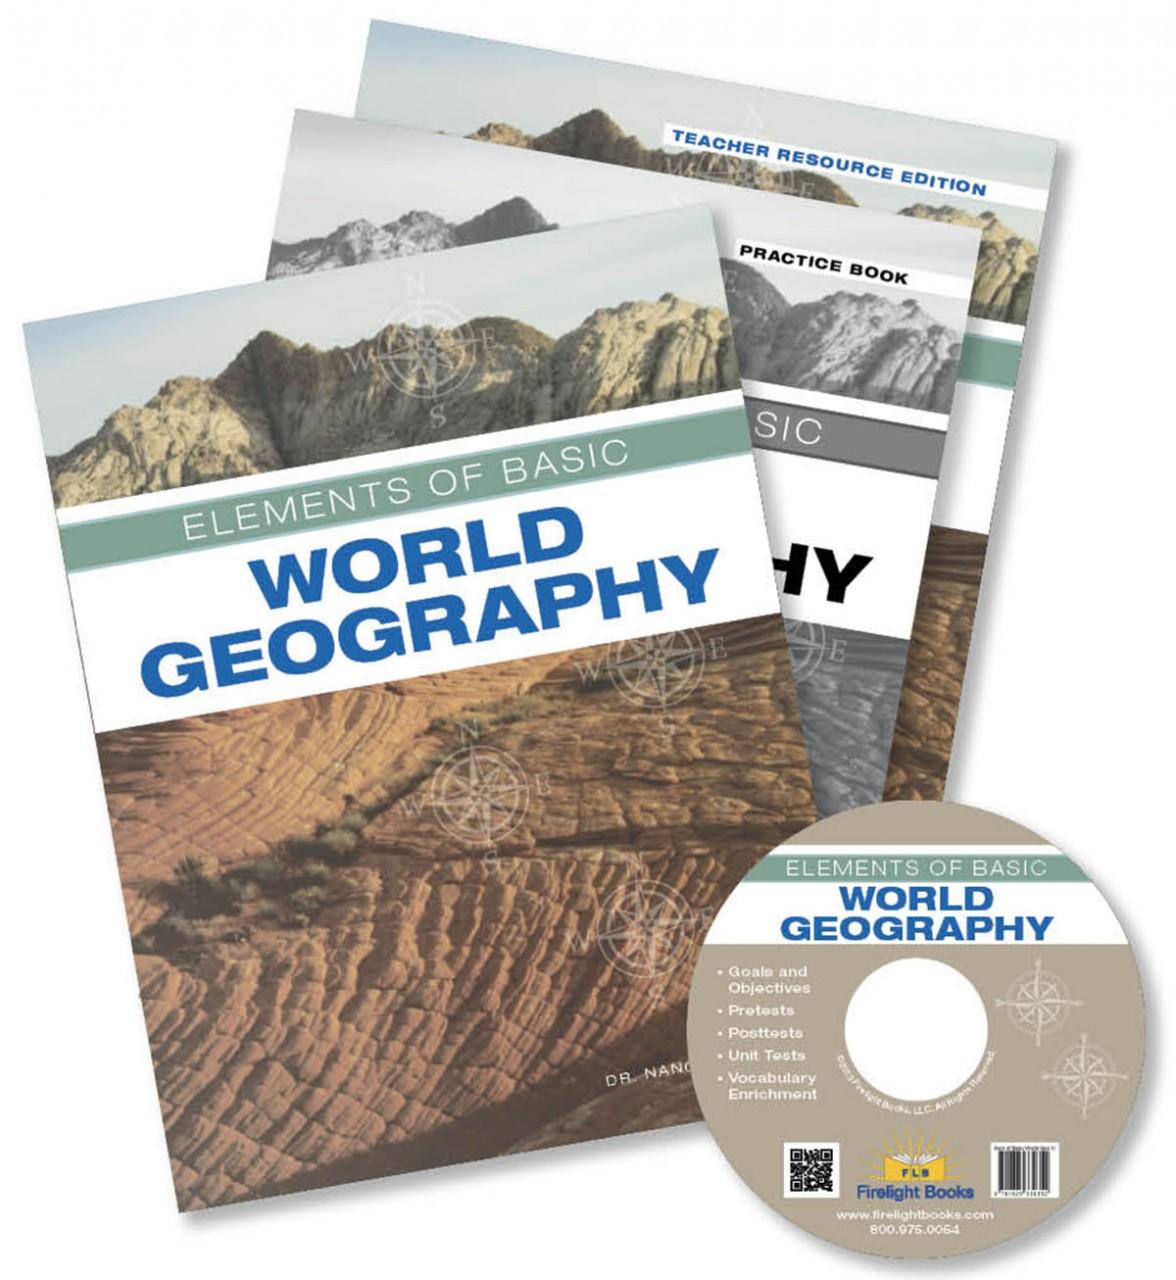 Elements of Basic World Geography